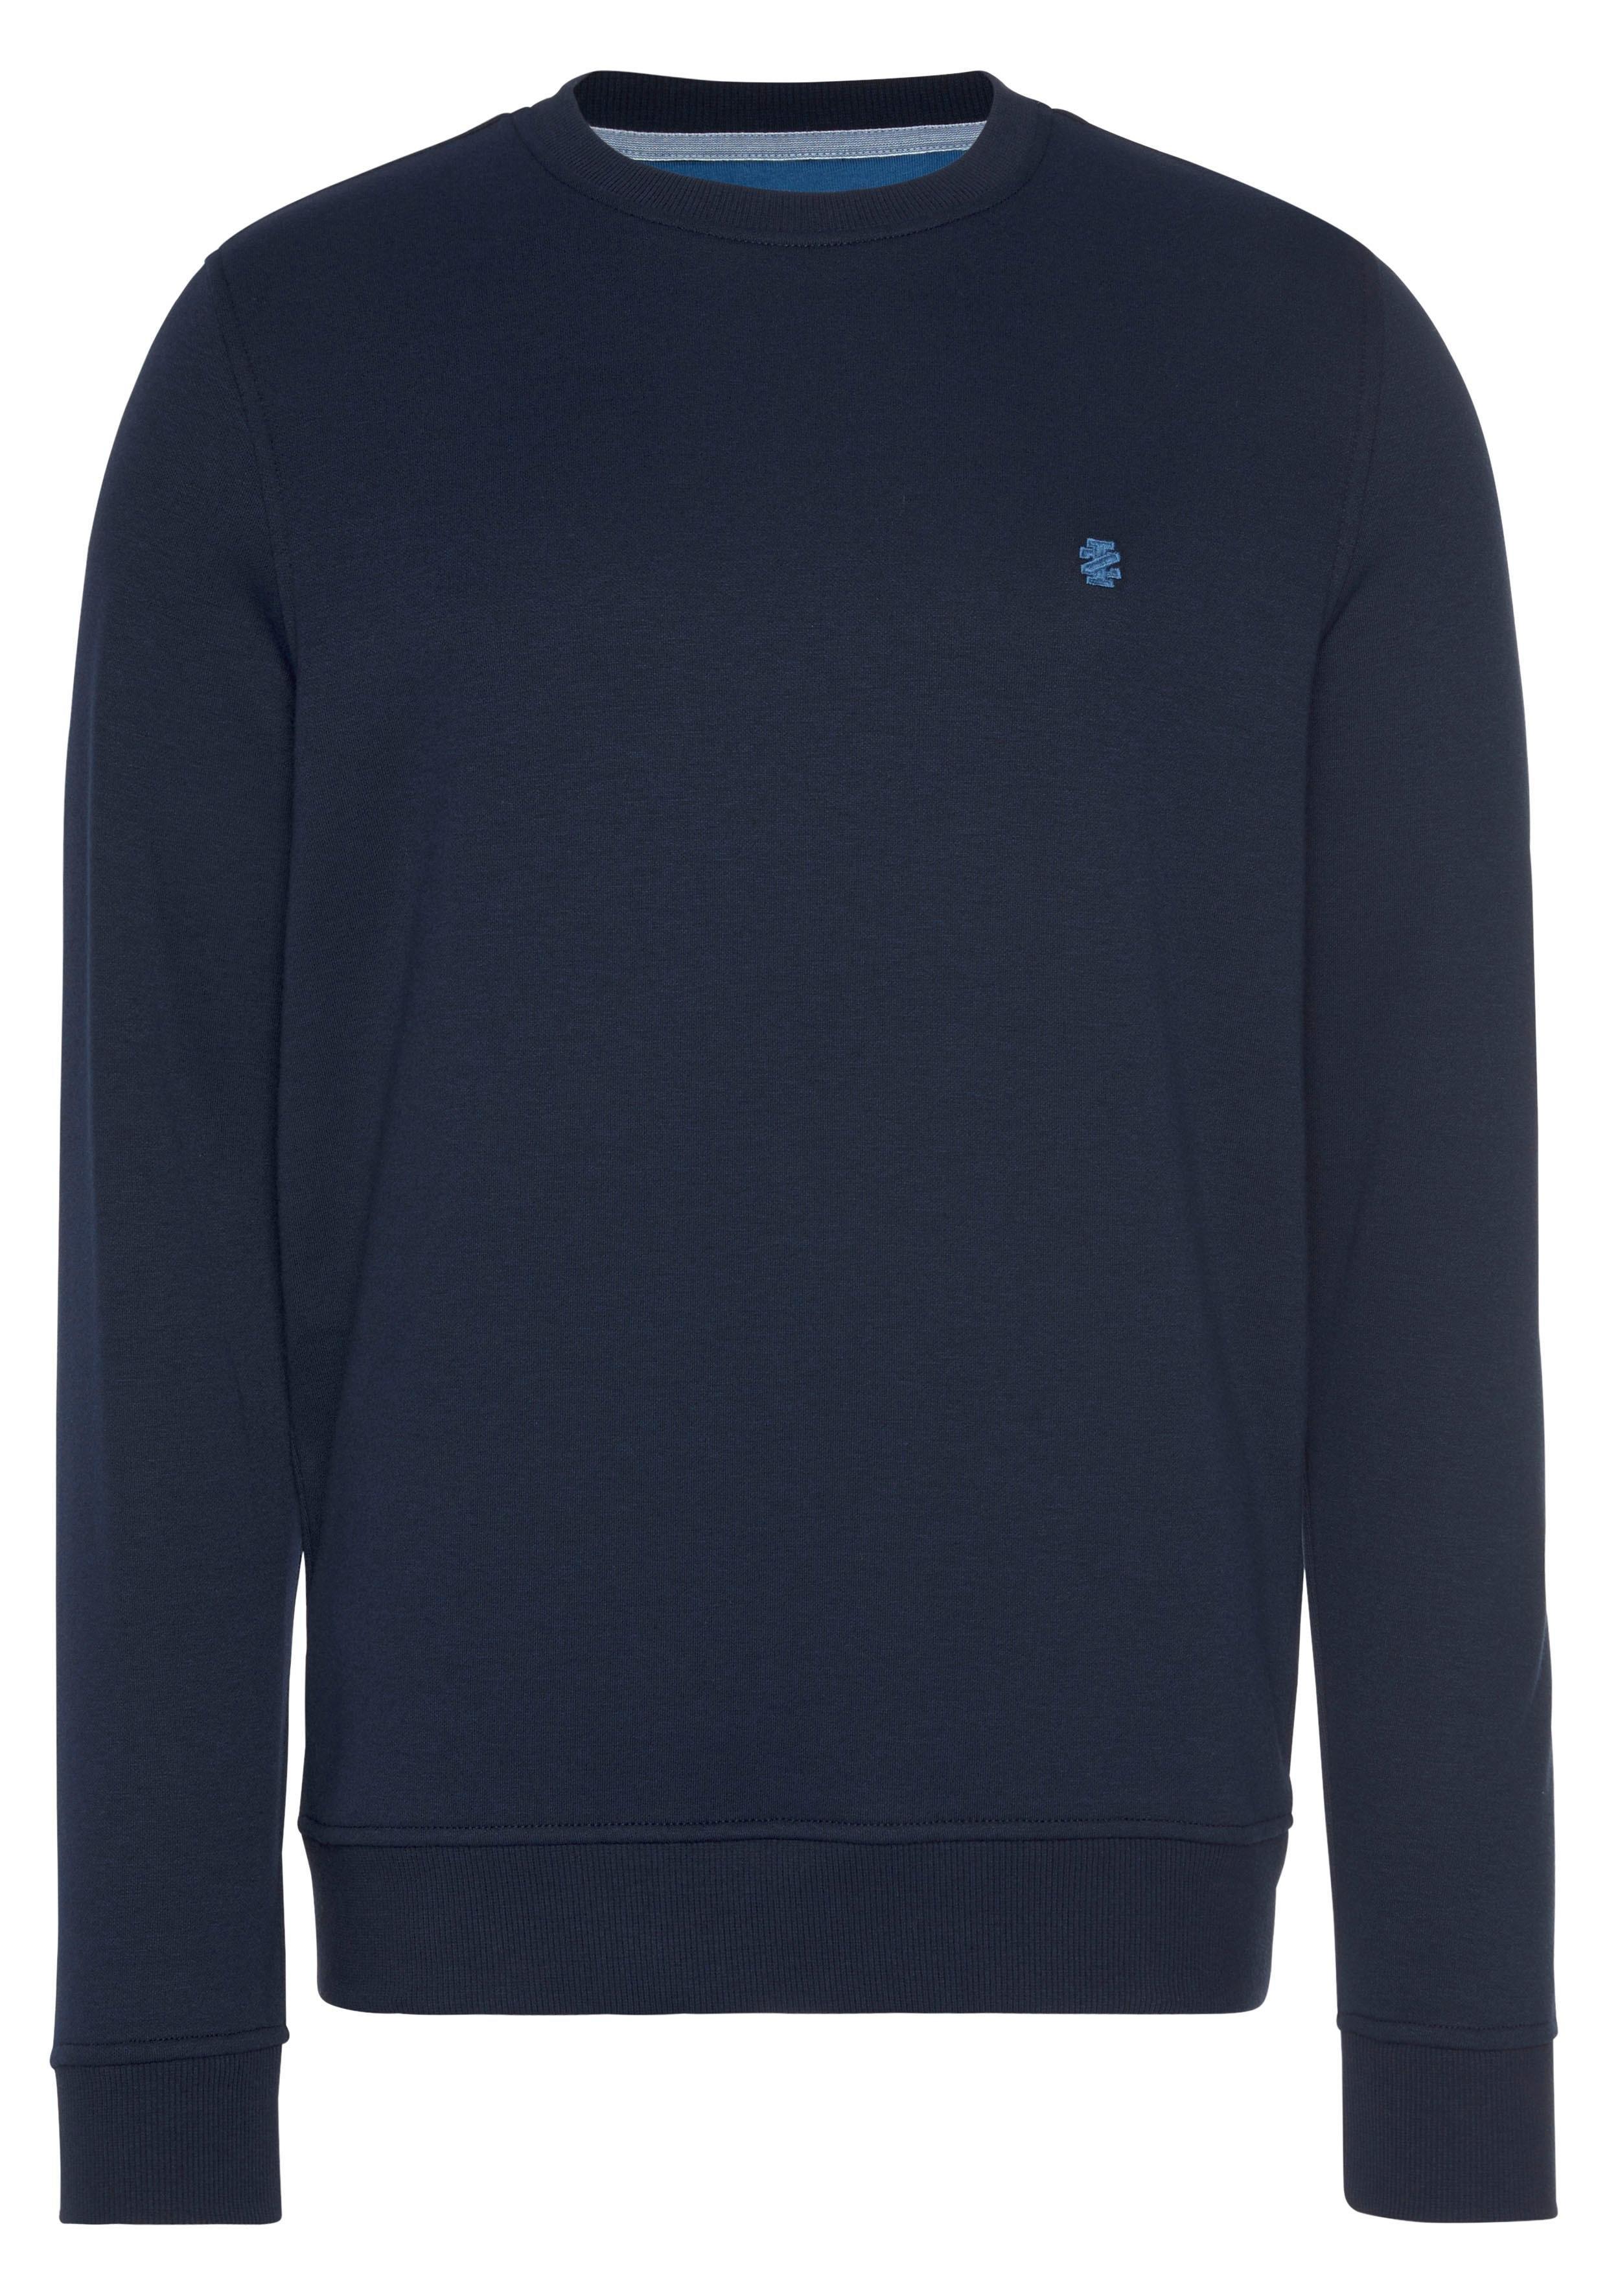 IZOD sweatshirt goedkoop op otto.nl kopen